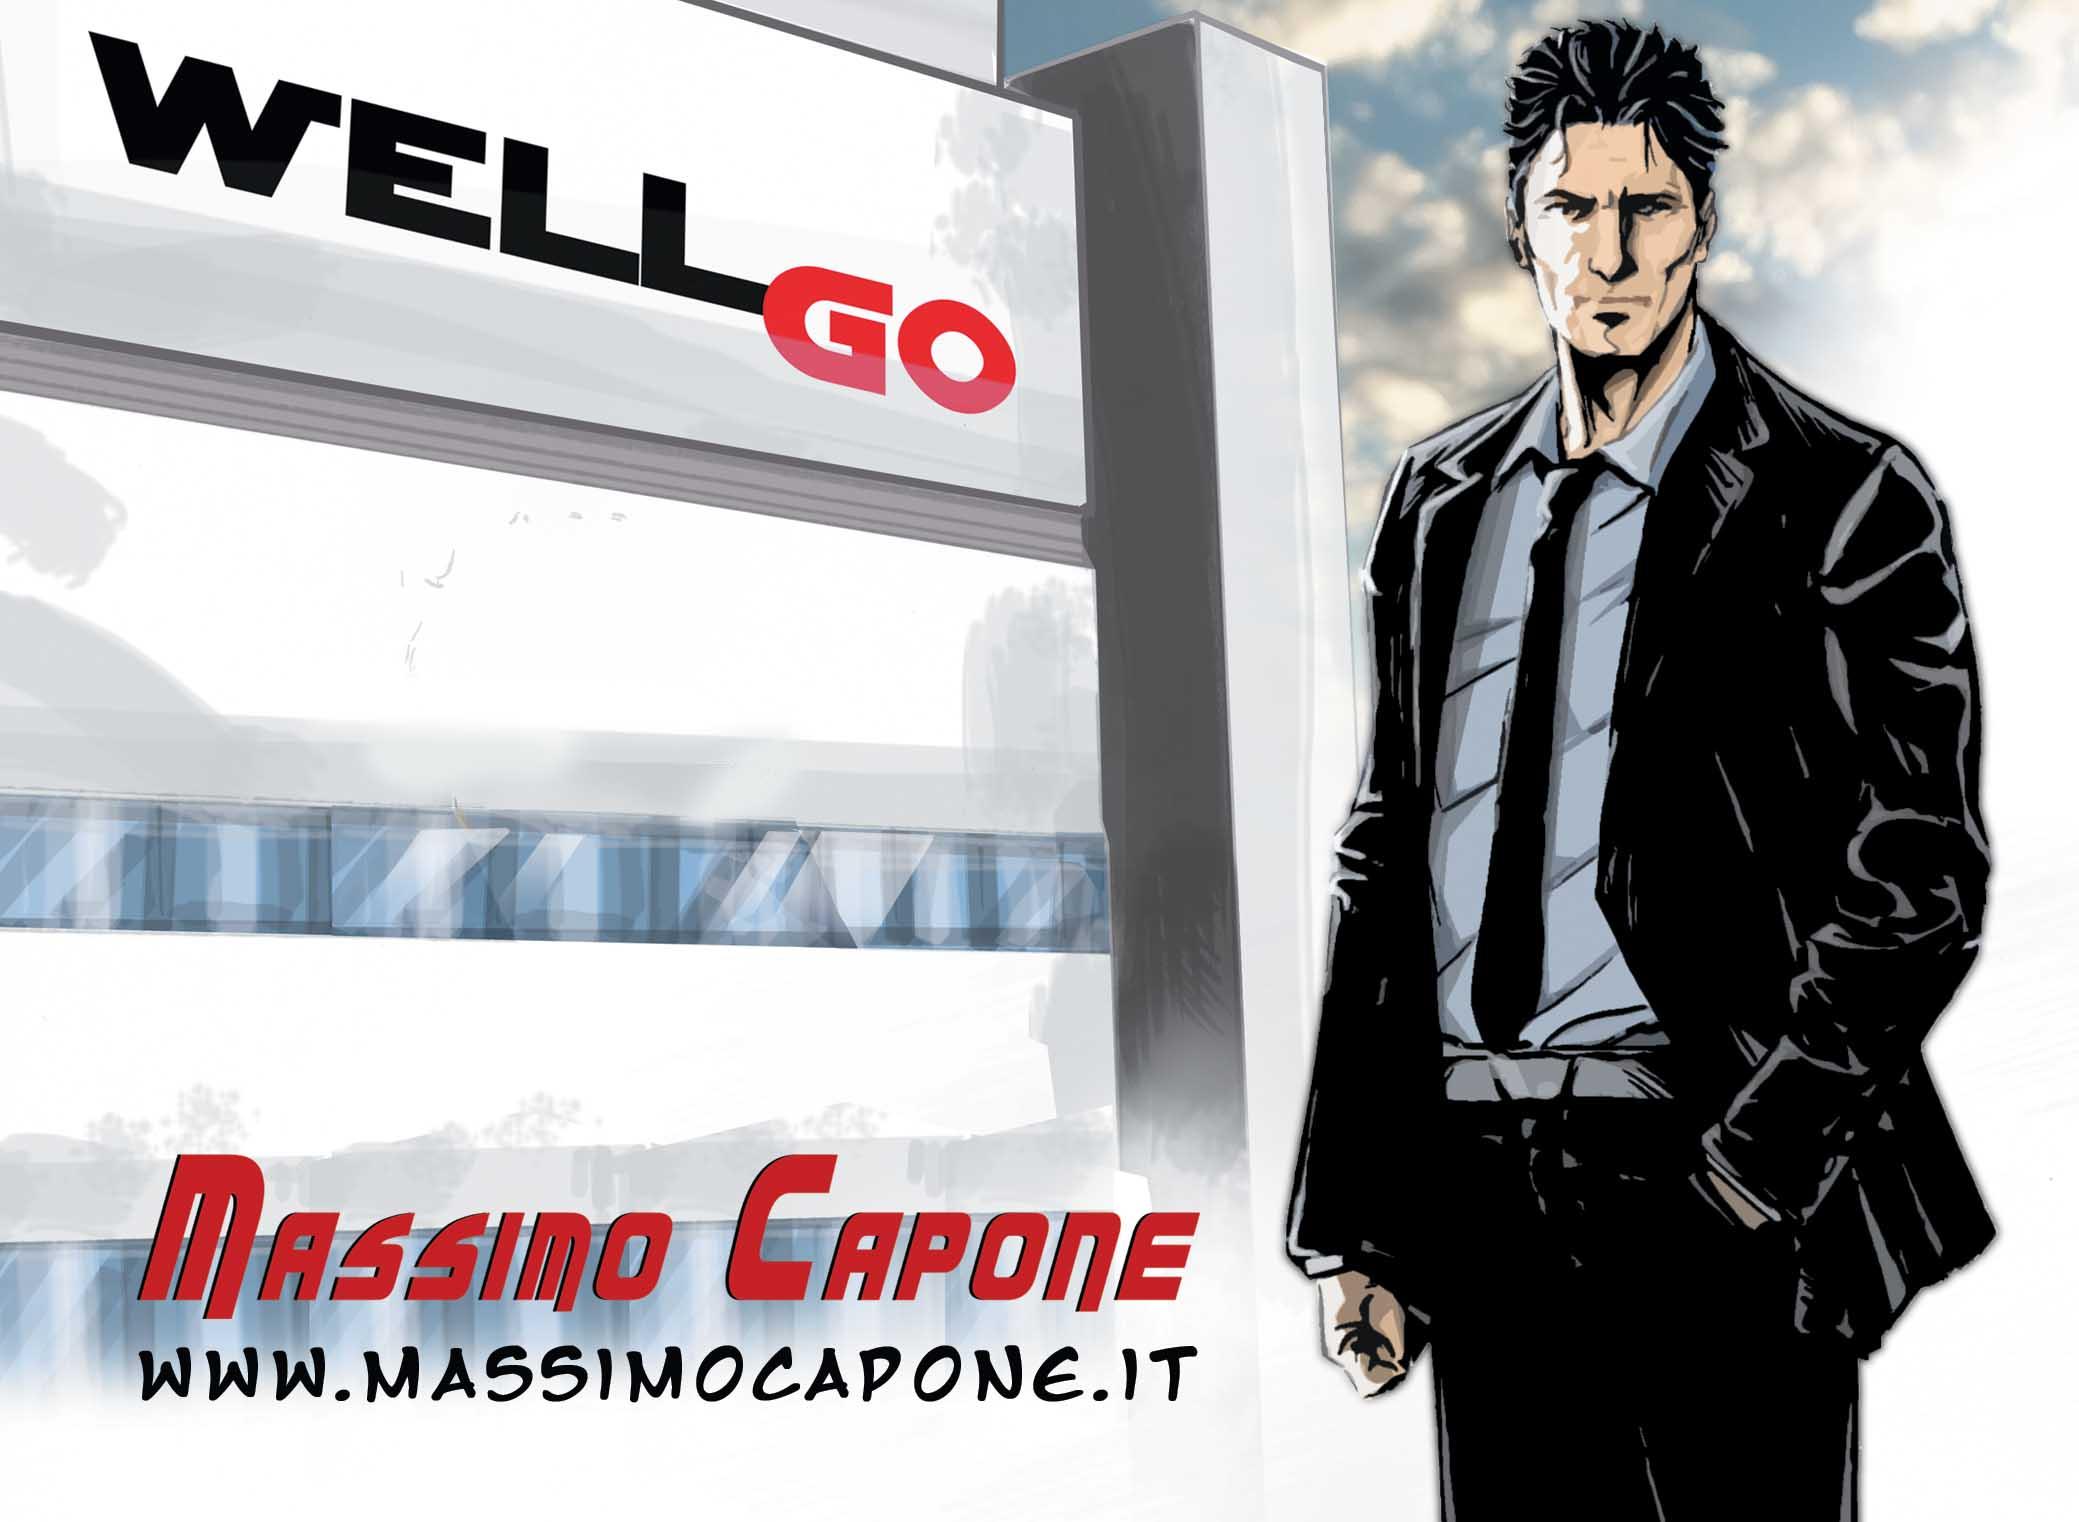 Massimo Capone